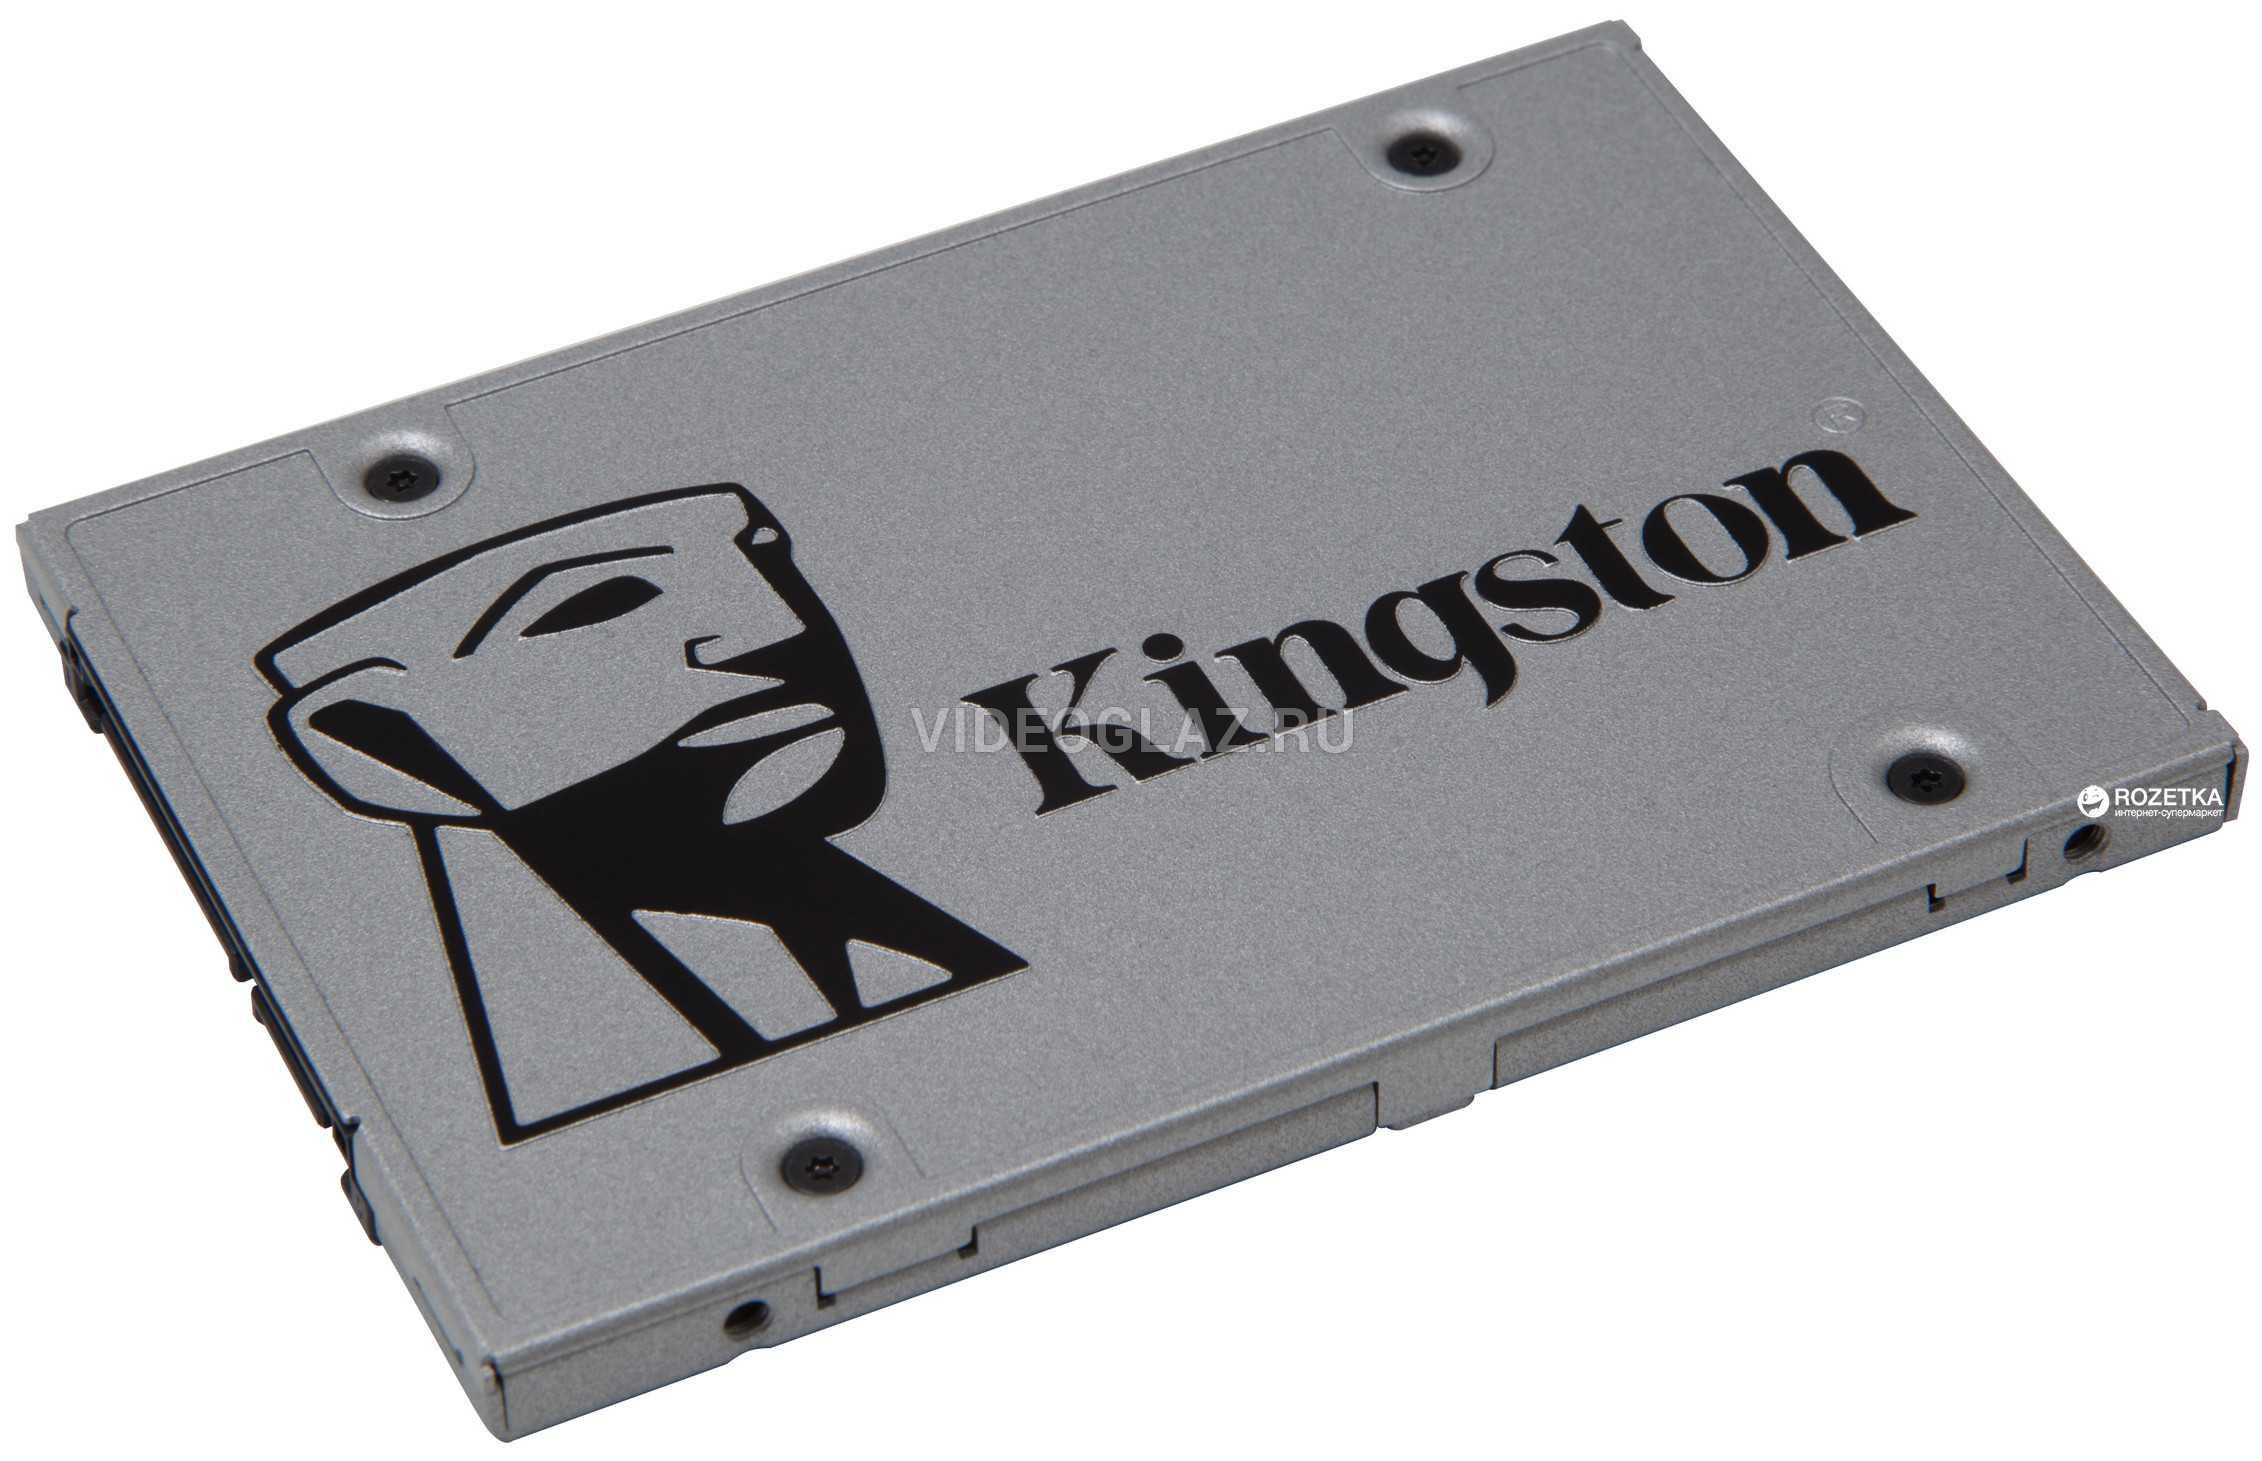 Kingston SSD 120GB UV400 Series SUV400S37/120G {SATA3.0}